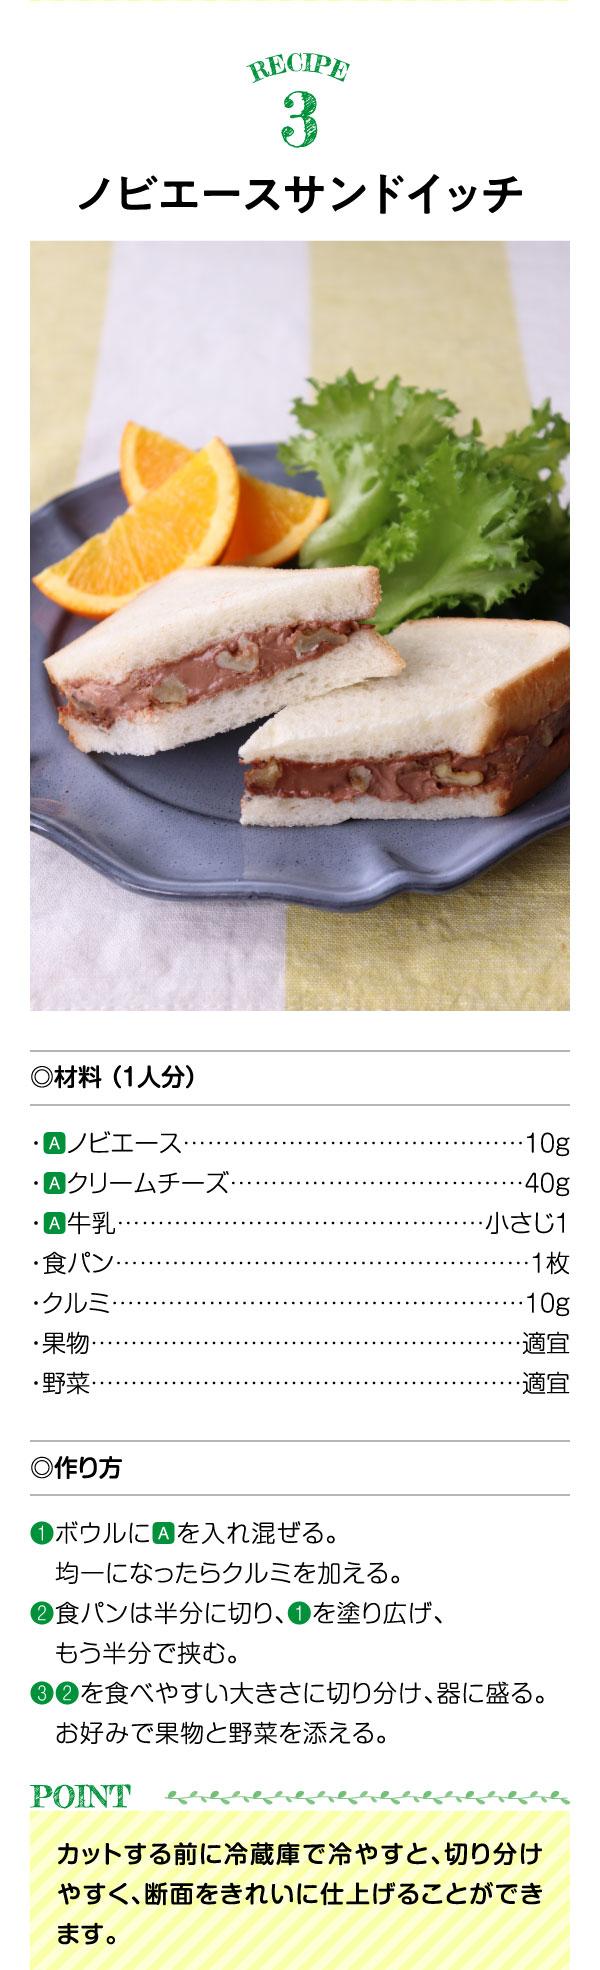 レシピ3ノビエースサンドイッチ